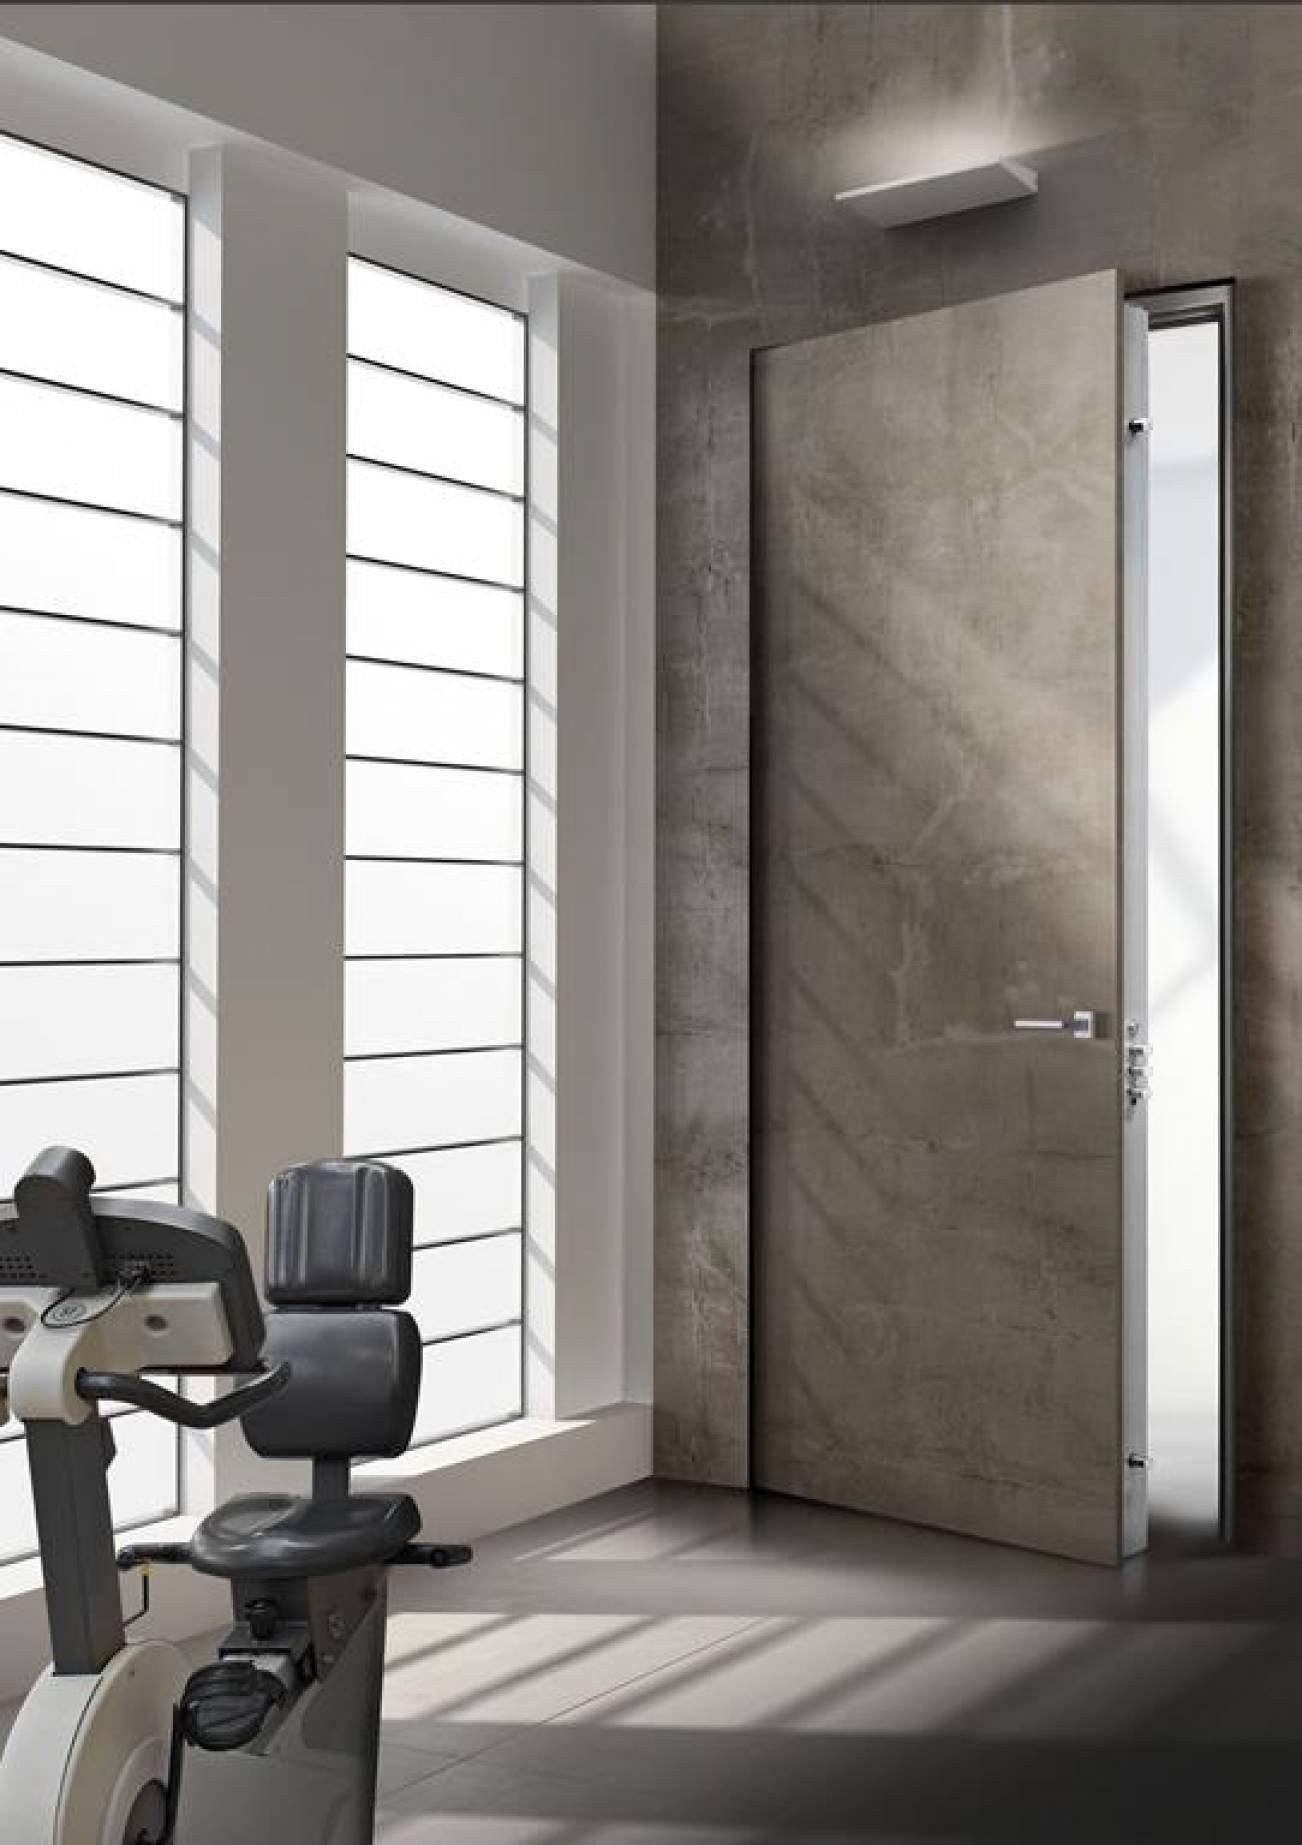 Cerco porta blindata usata porta blindata classe da x - Porta portese cerco lavoro ...